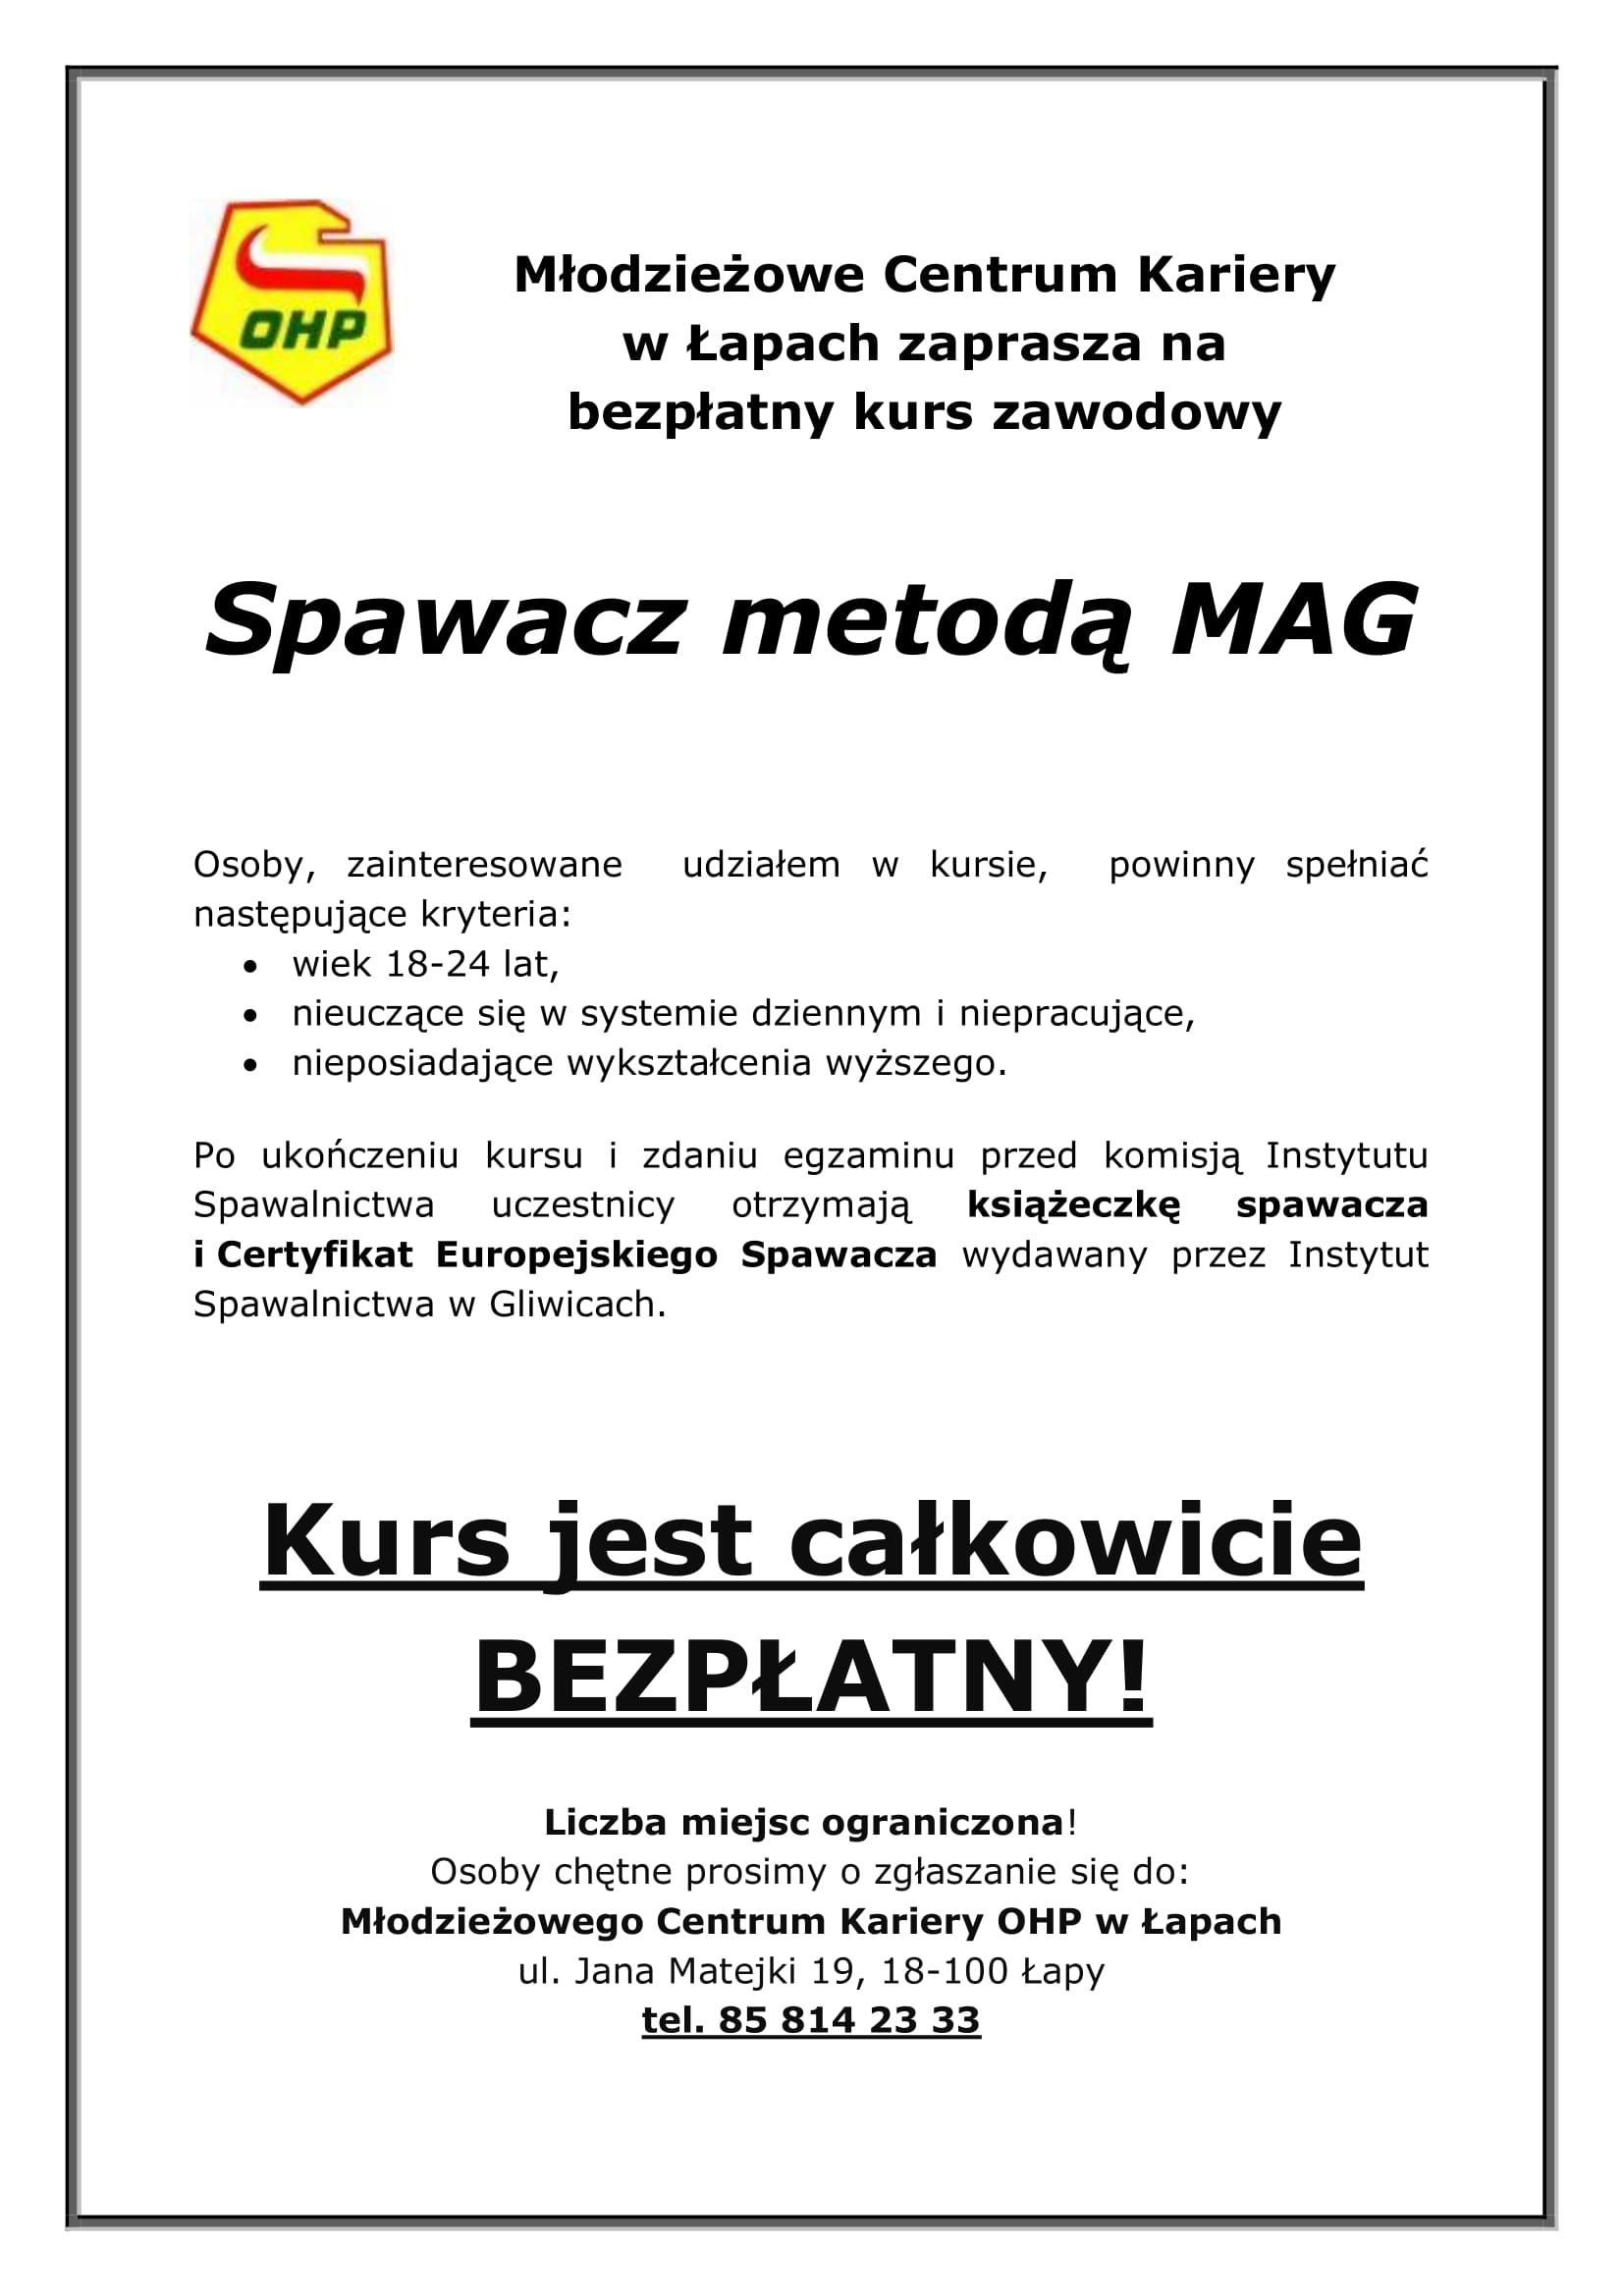 Ogłoszenie o kursie MCK Łapy-1